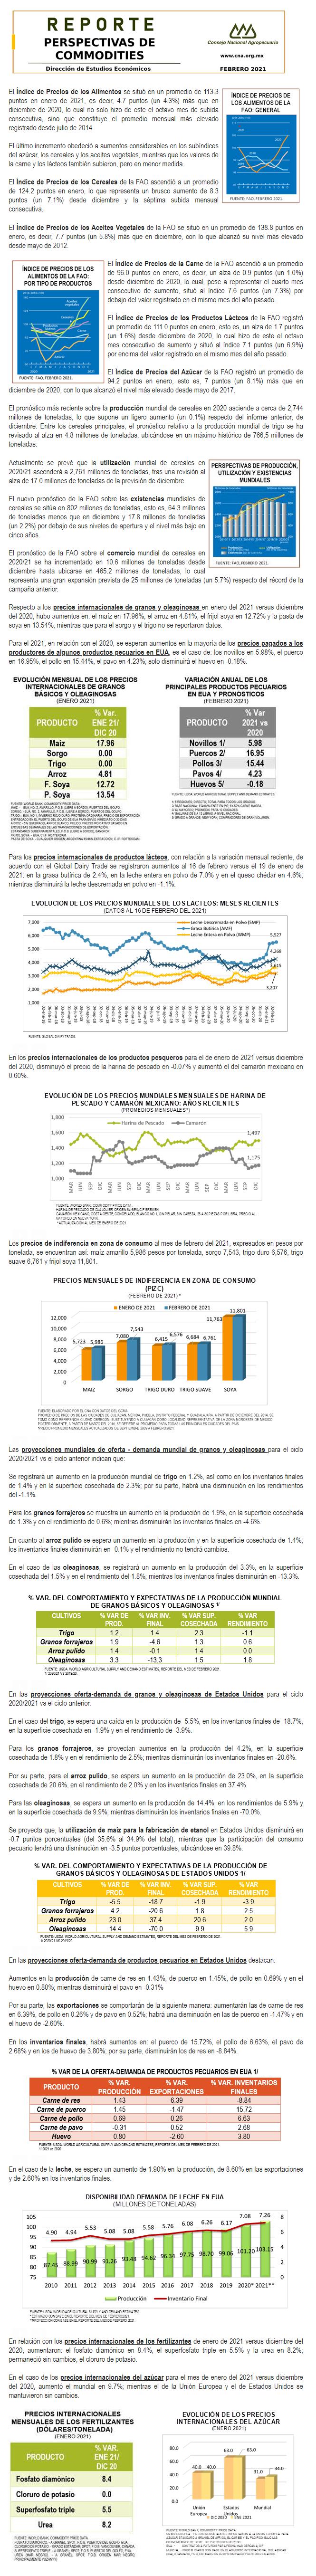 Reporte de Perspectivas Internacionales para los Commodities Agropecuarios de febrero 2021.